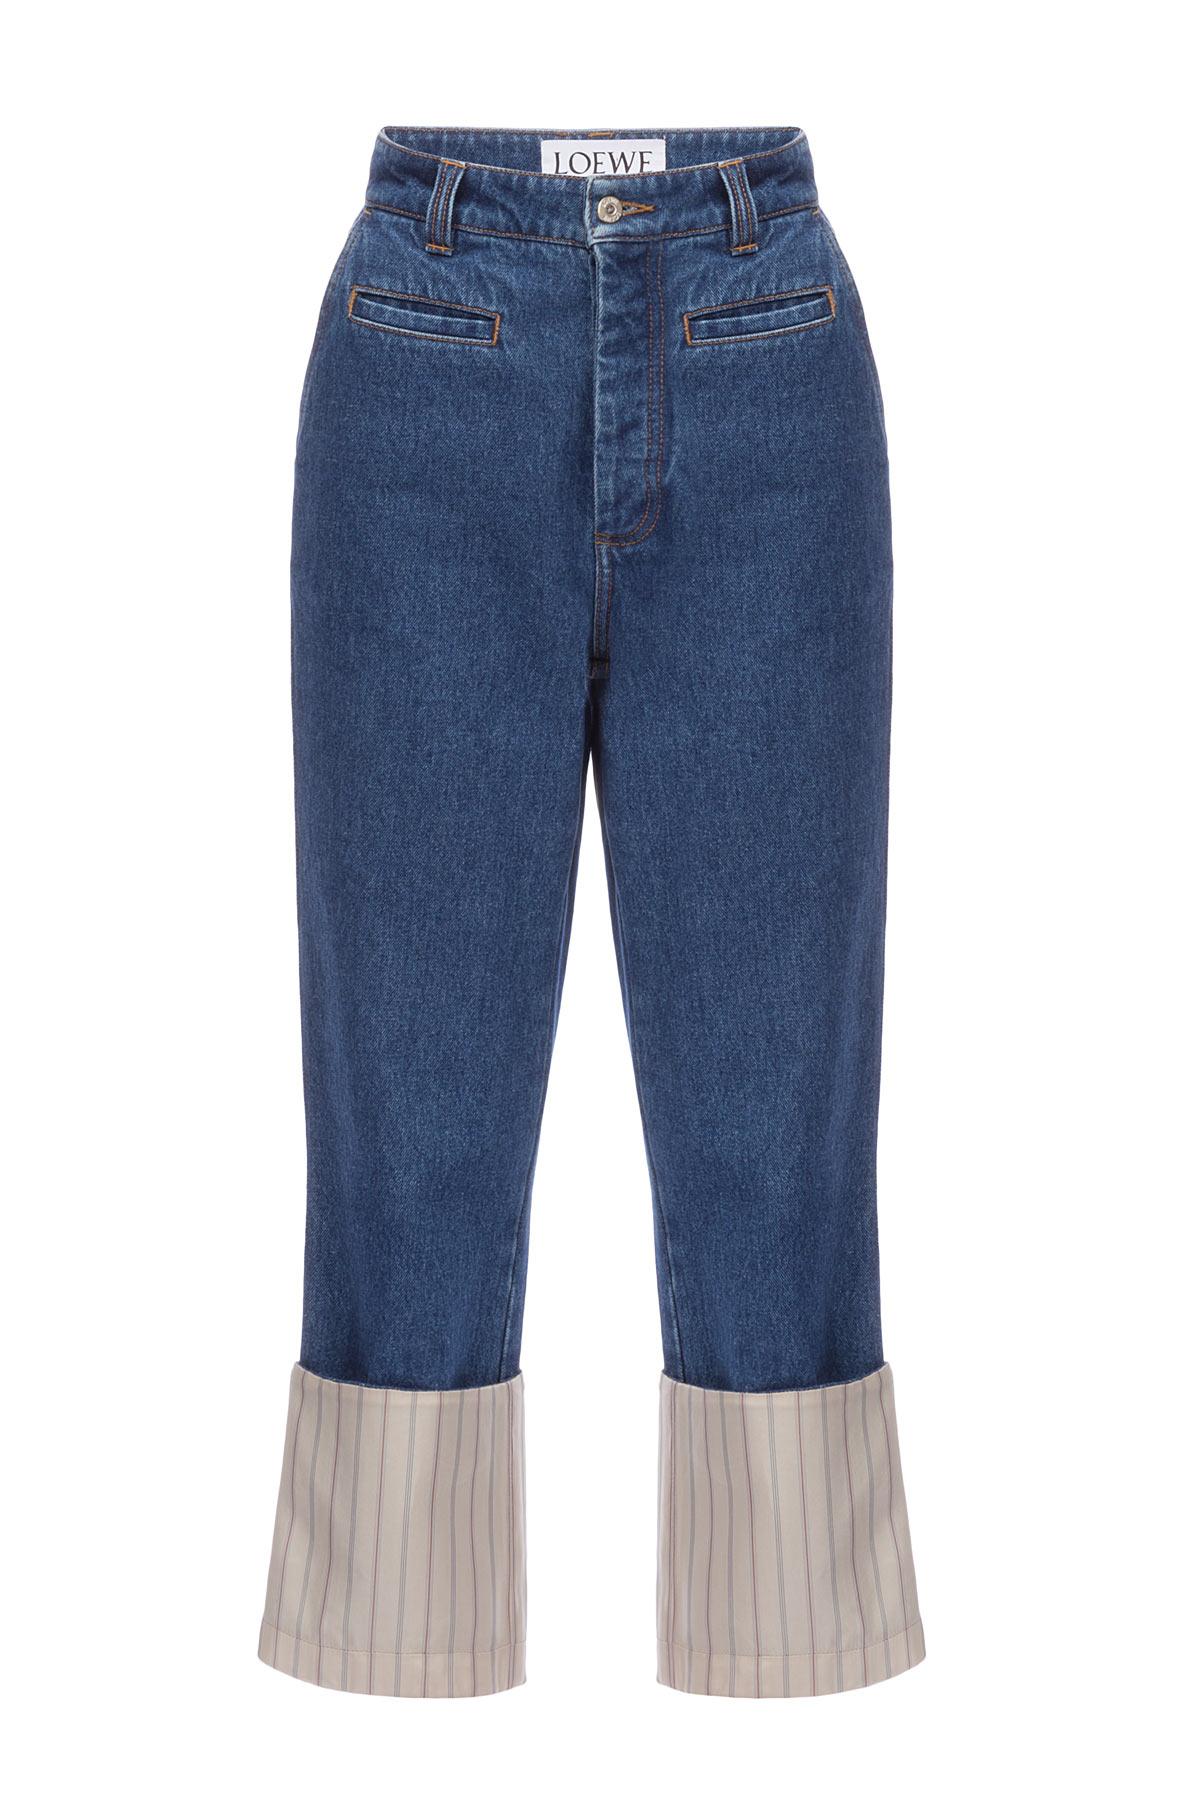 LOEWE Stripe Fisherman Jeans Blue/Beige front